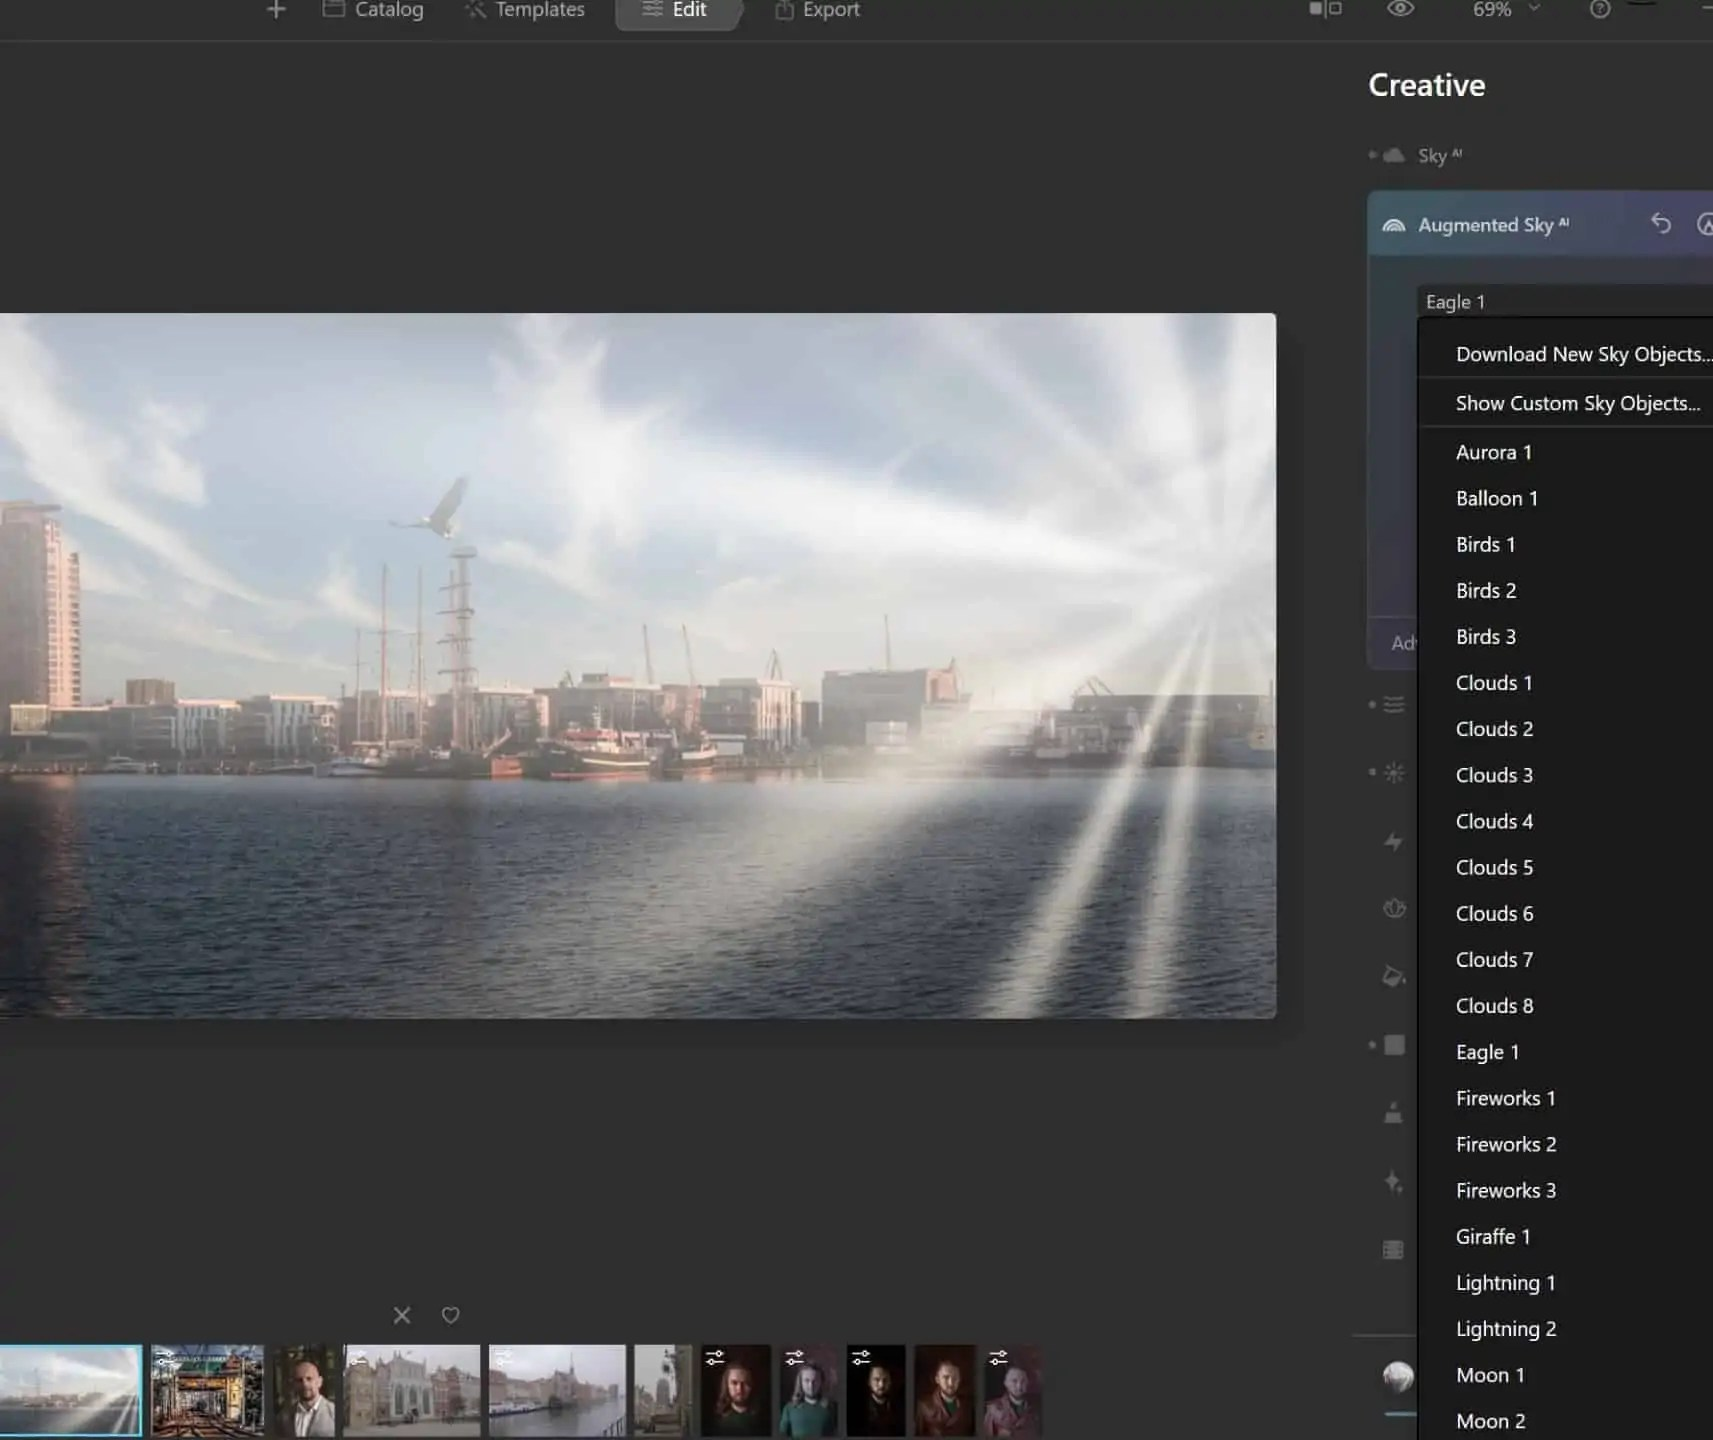 Luminar AI augmented sky AI dodawanie pojedynczych elementow - Program Luminar AI po polsku czyli sztuczna inteligencja do zdjęc w 2020